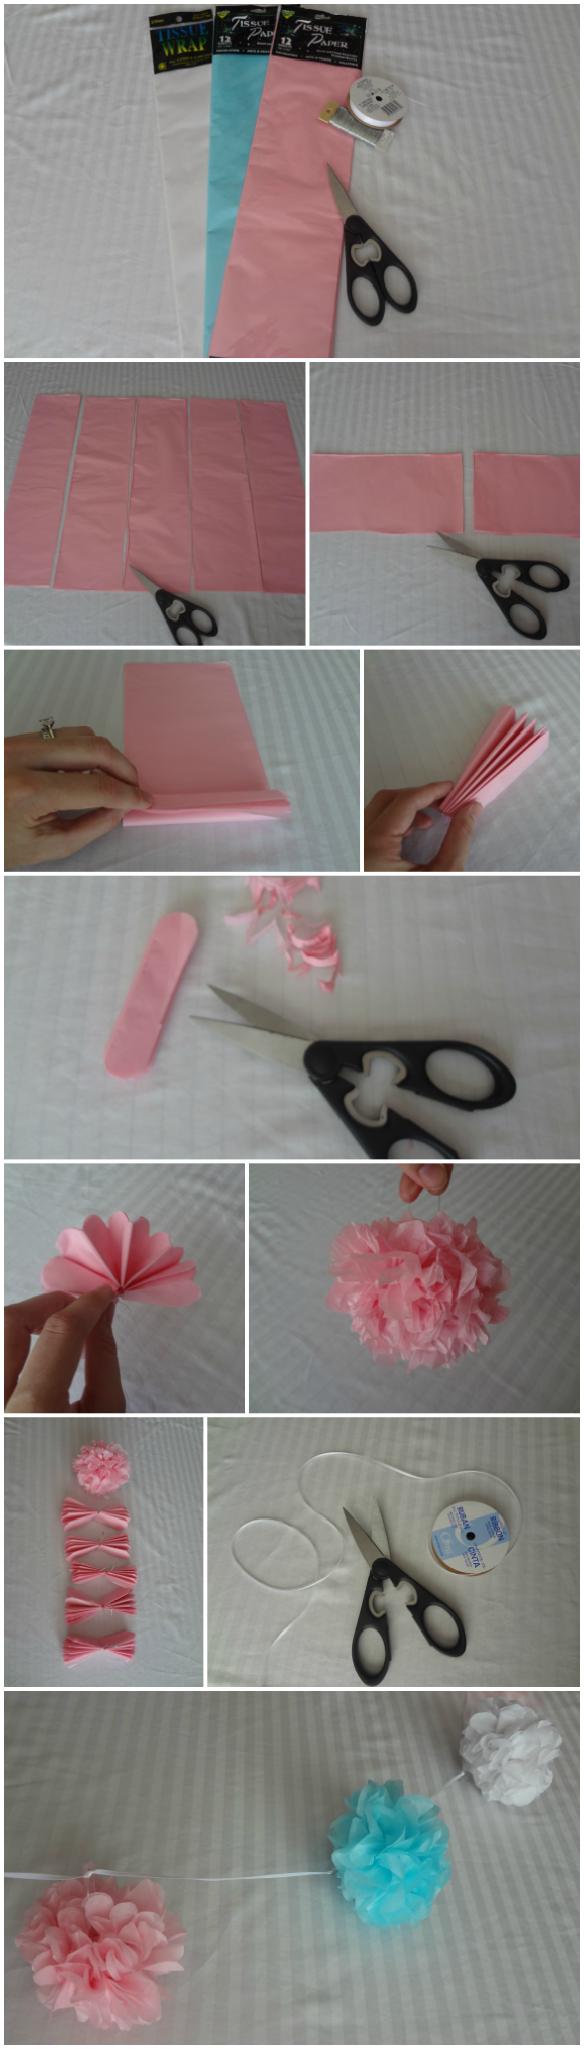 DIY Tutorial How to Make a Tissue Pom Pom Garland